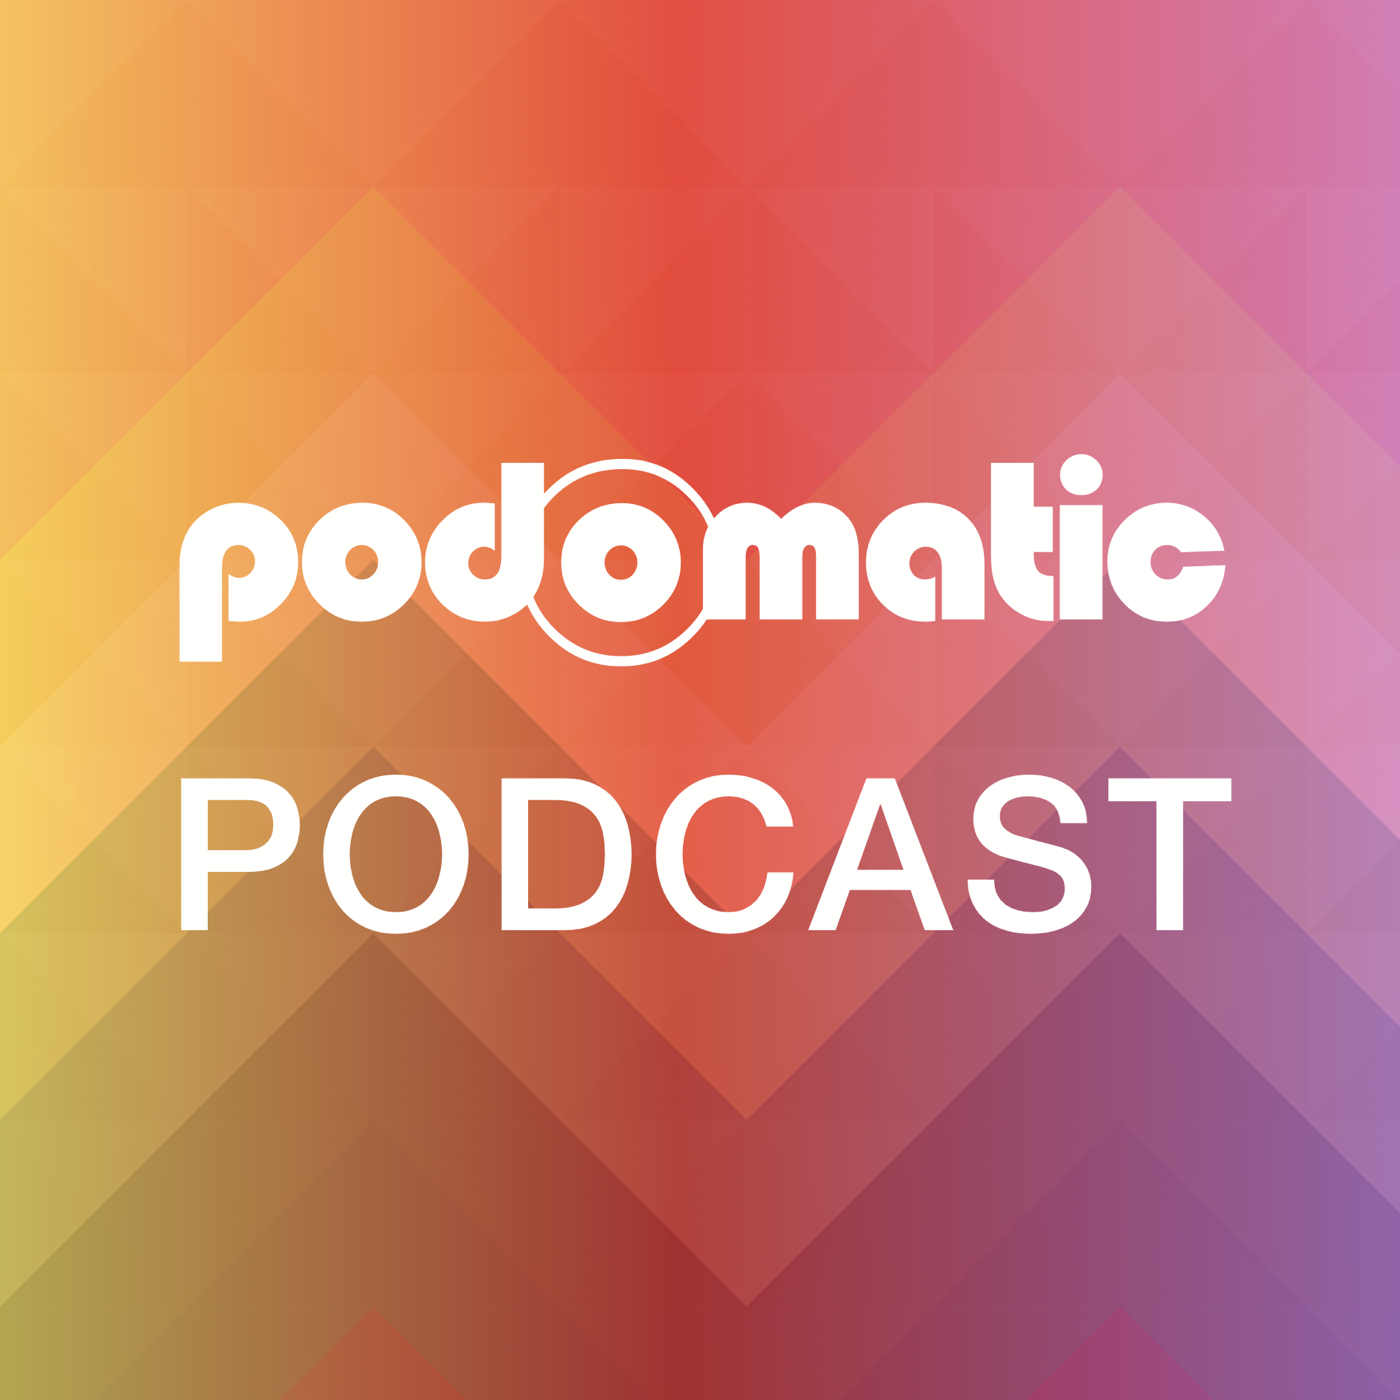 Elizabeth Klisiewicz's Podcast